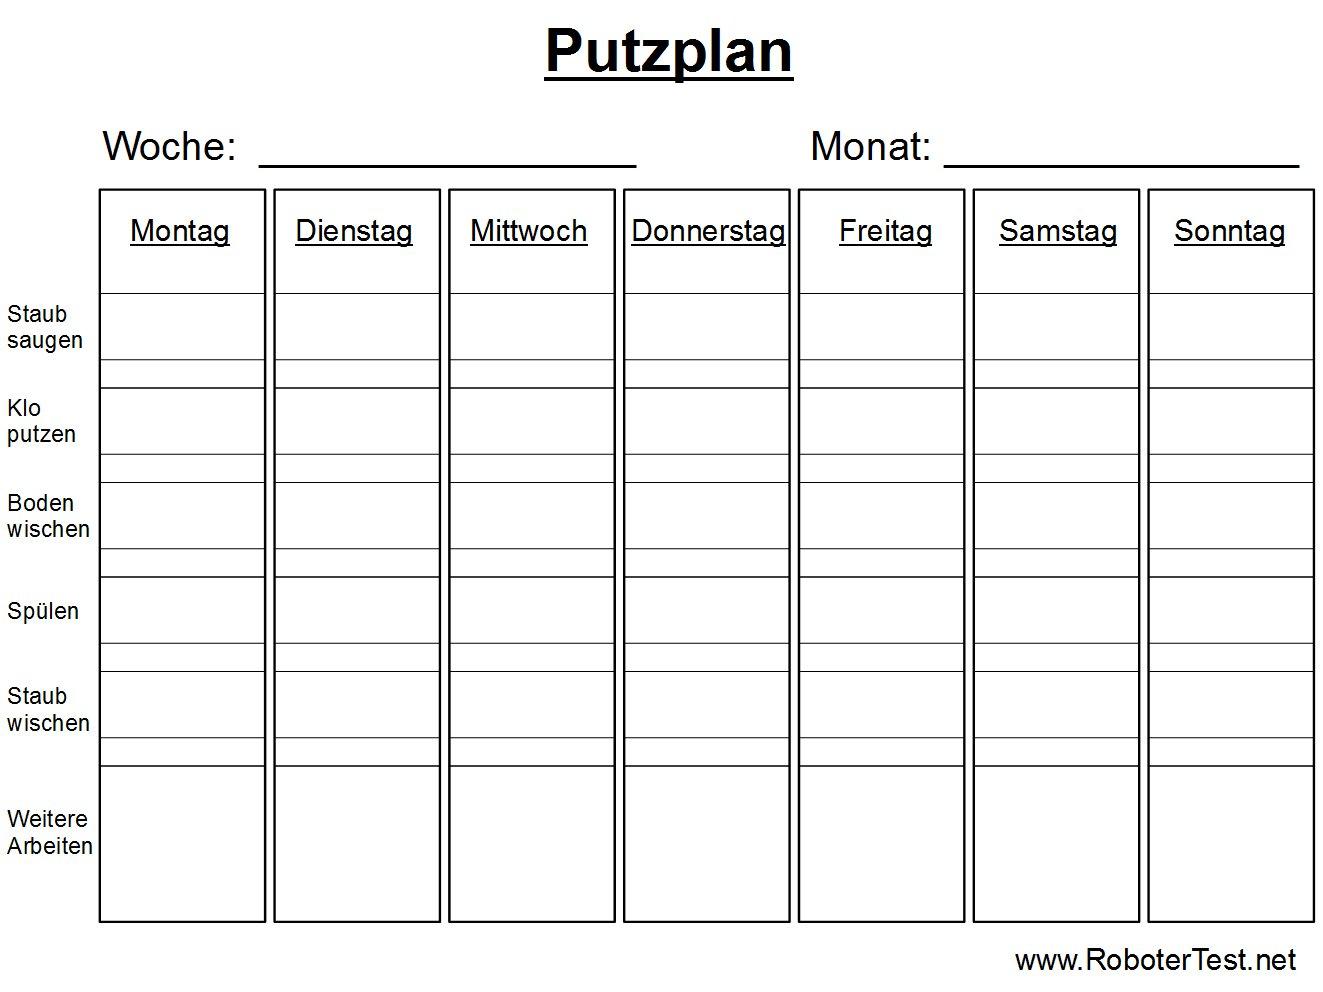 Putzplan Putzplan Deutsch Putzplan Vorlage